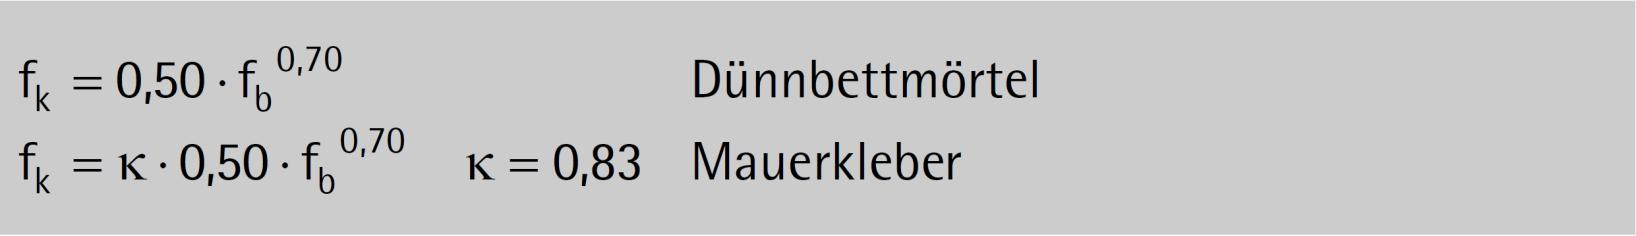 Formel: (5-30)